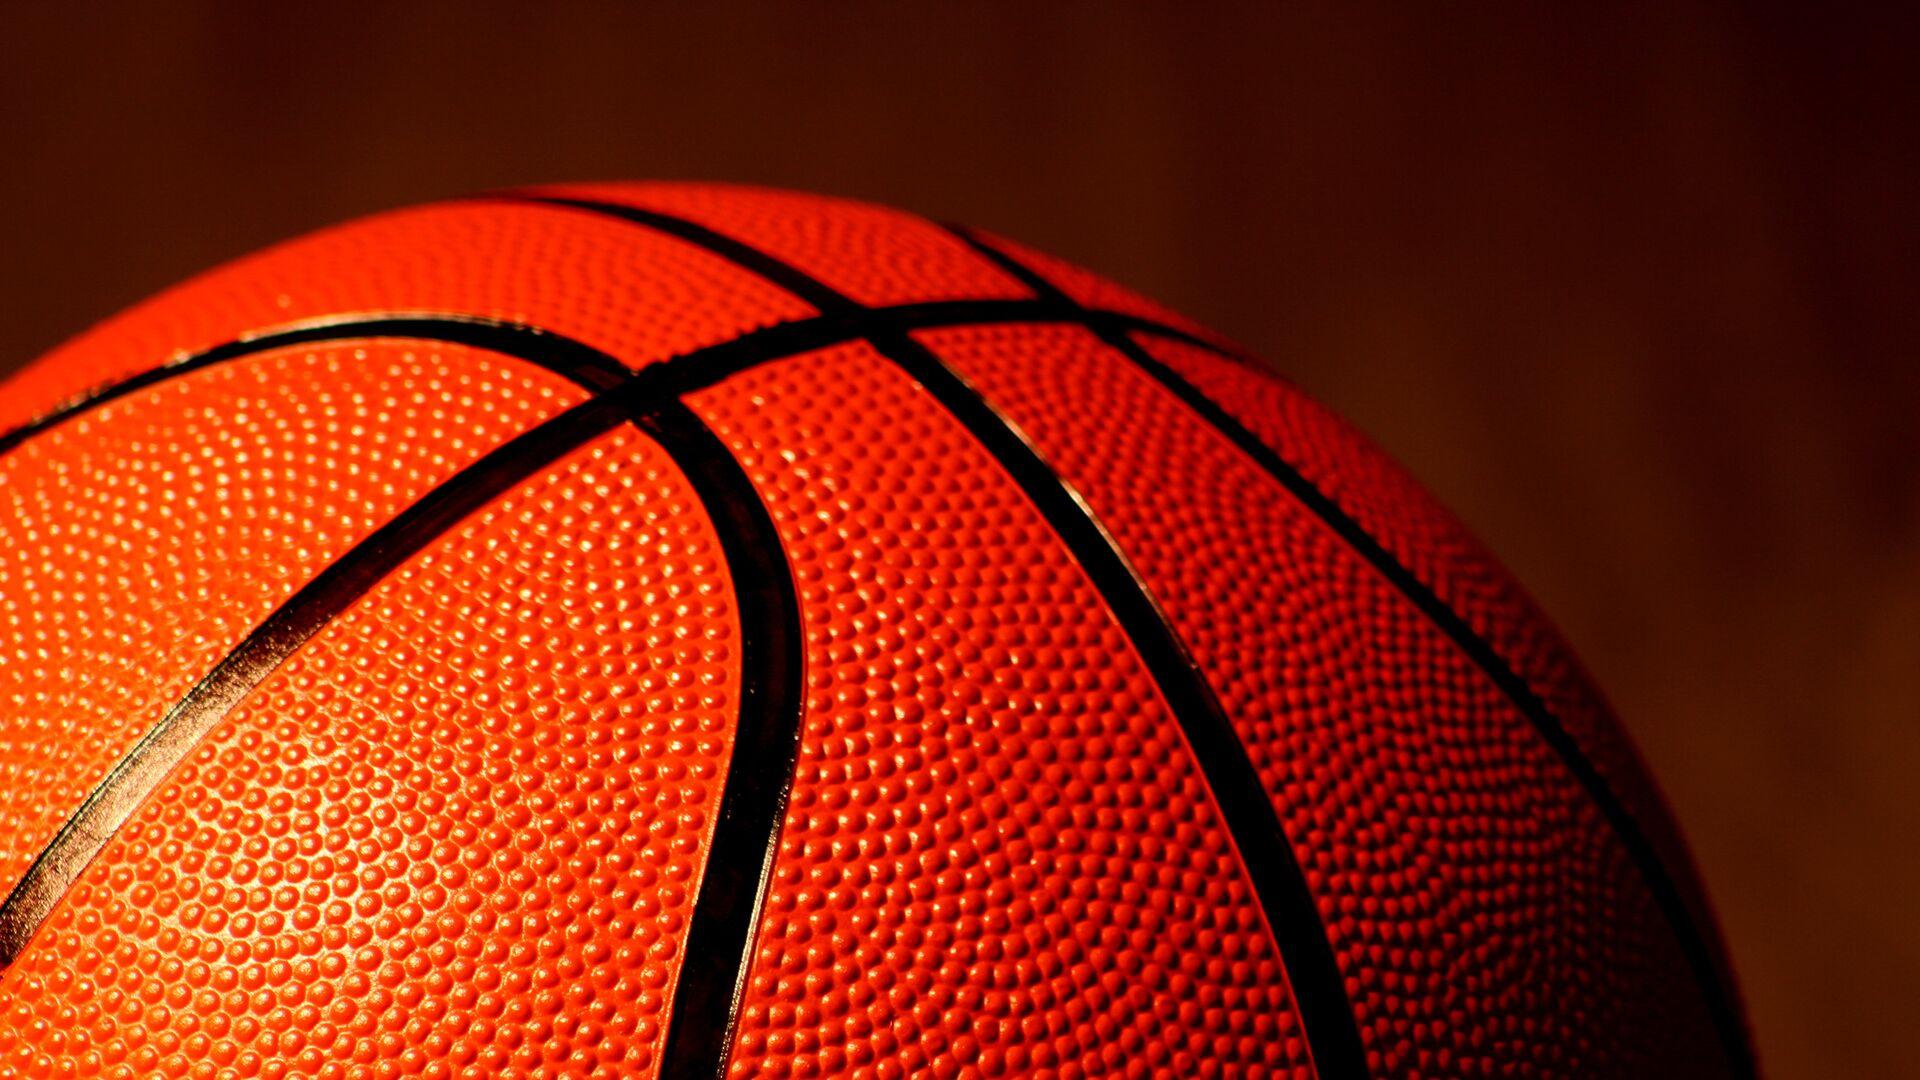 Баскетбольный мяч. - РИА Новости, 1920, 21.02.2021